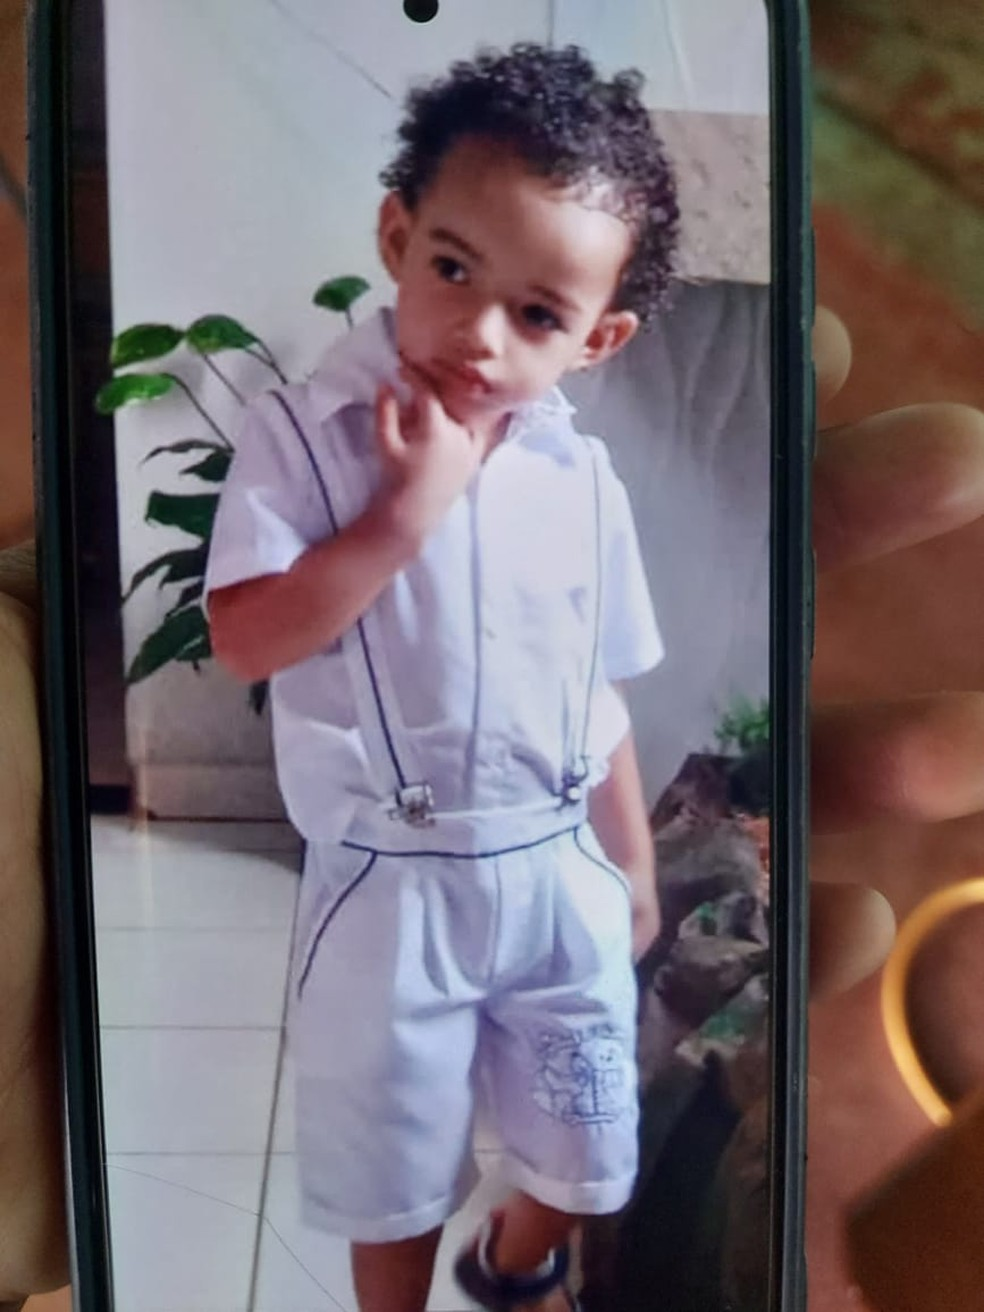 Heitor Maciel dos Santos, de 2 anos, desapareceu em Lucas do Rio Verde — Foto: Arquivo pessoal